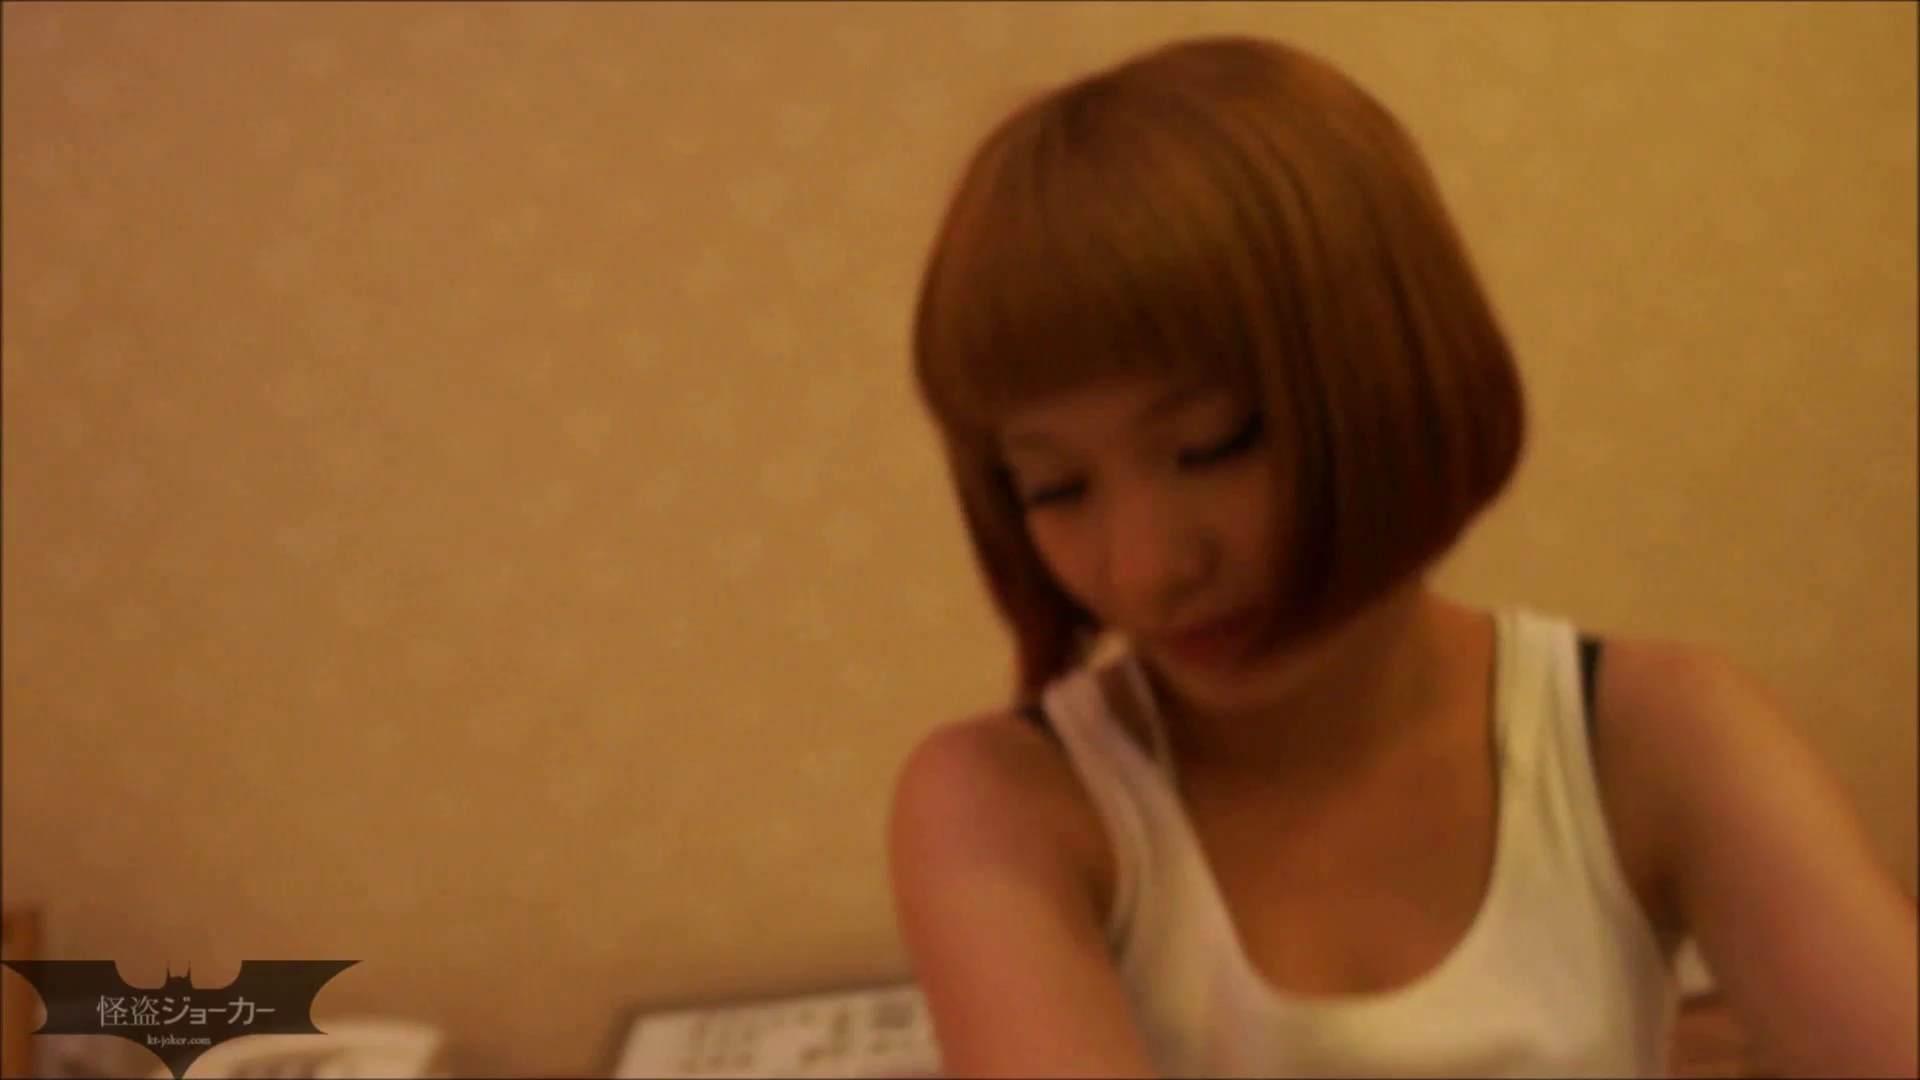 【未公開】vol.63【小春】金髪化してた時期の小春。。。ナマで出し続け・・・ 美乳 オメコ無修正動画無料 52画像 21